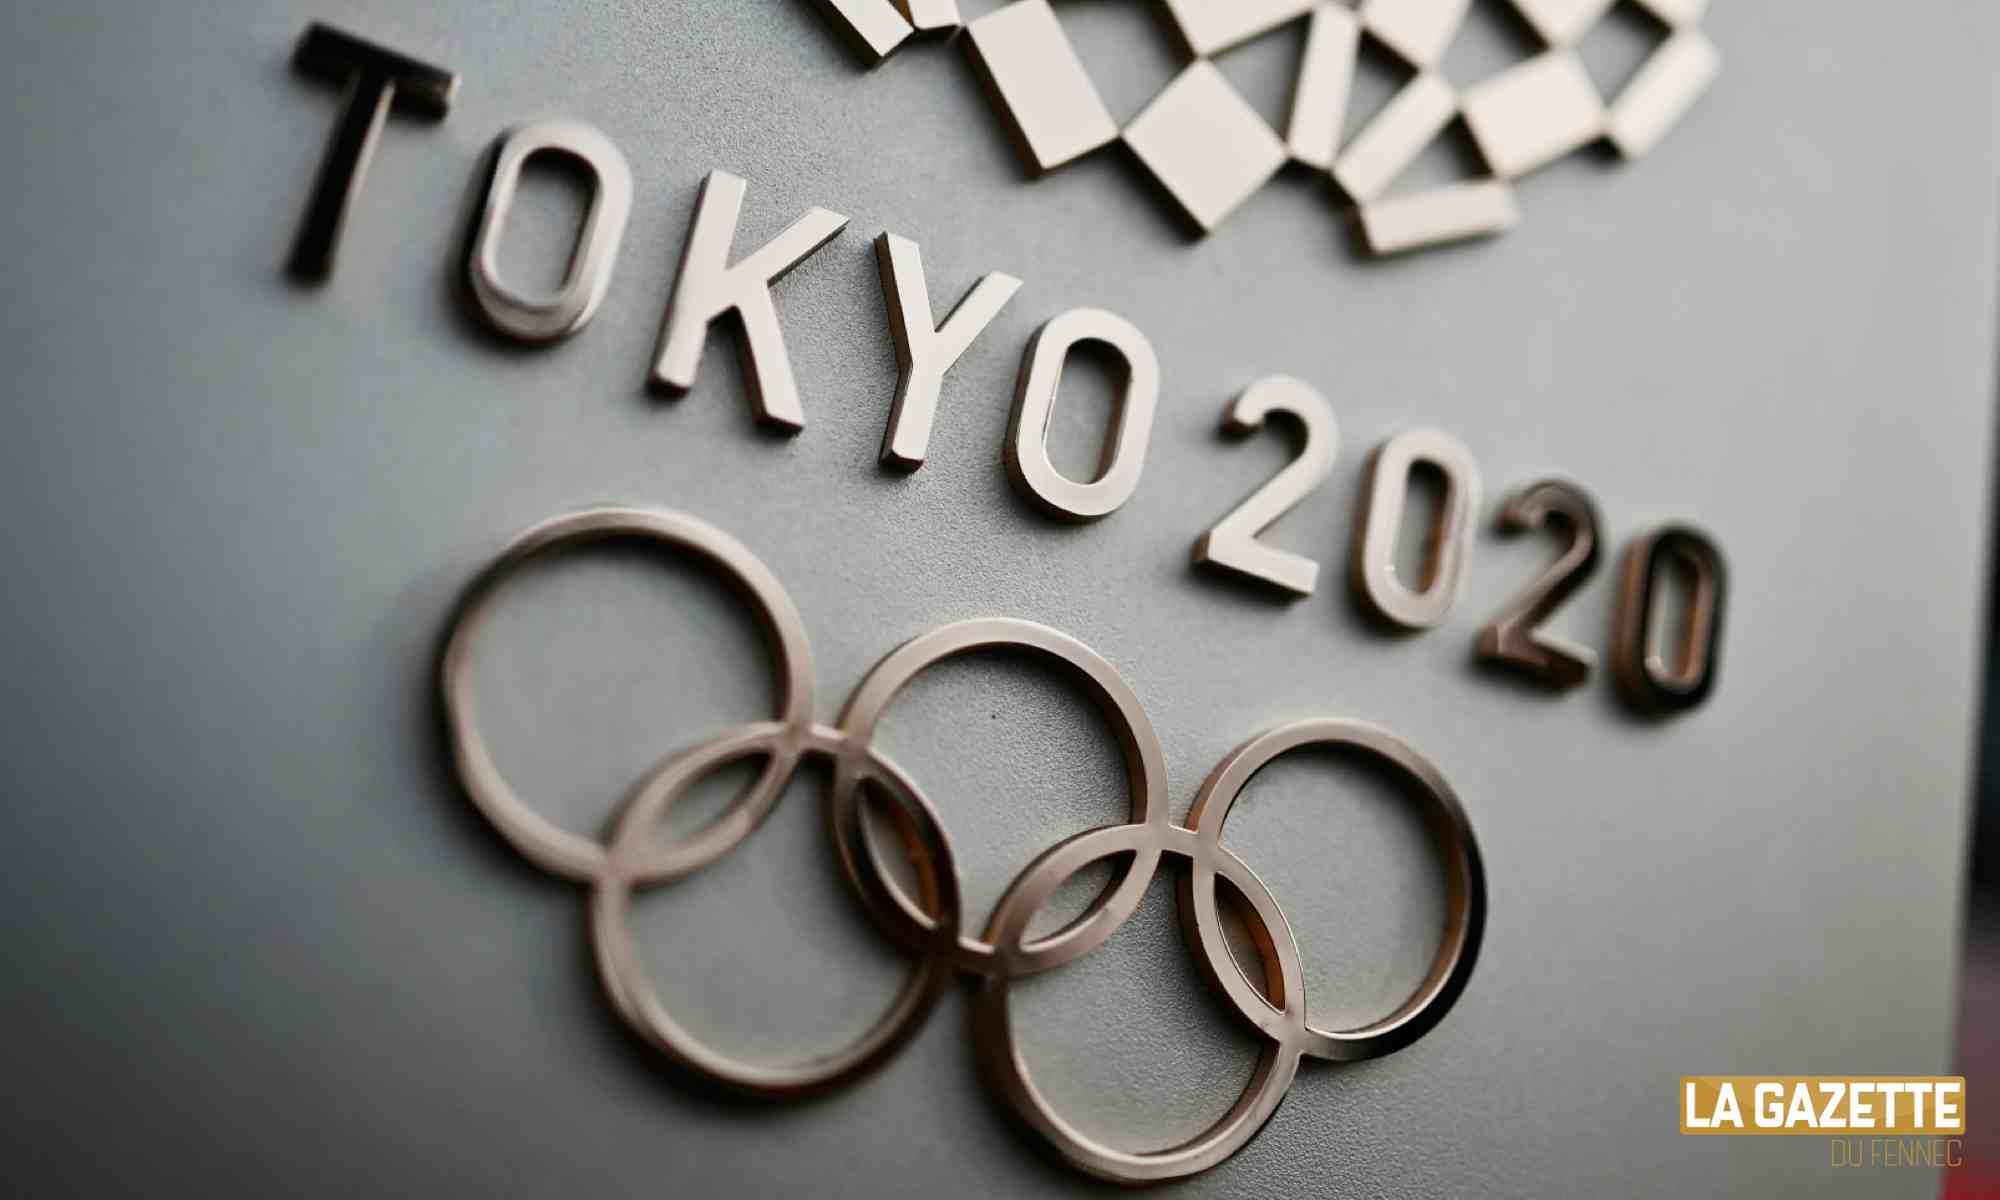 tokyo 2020 gris logo